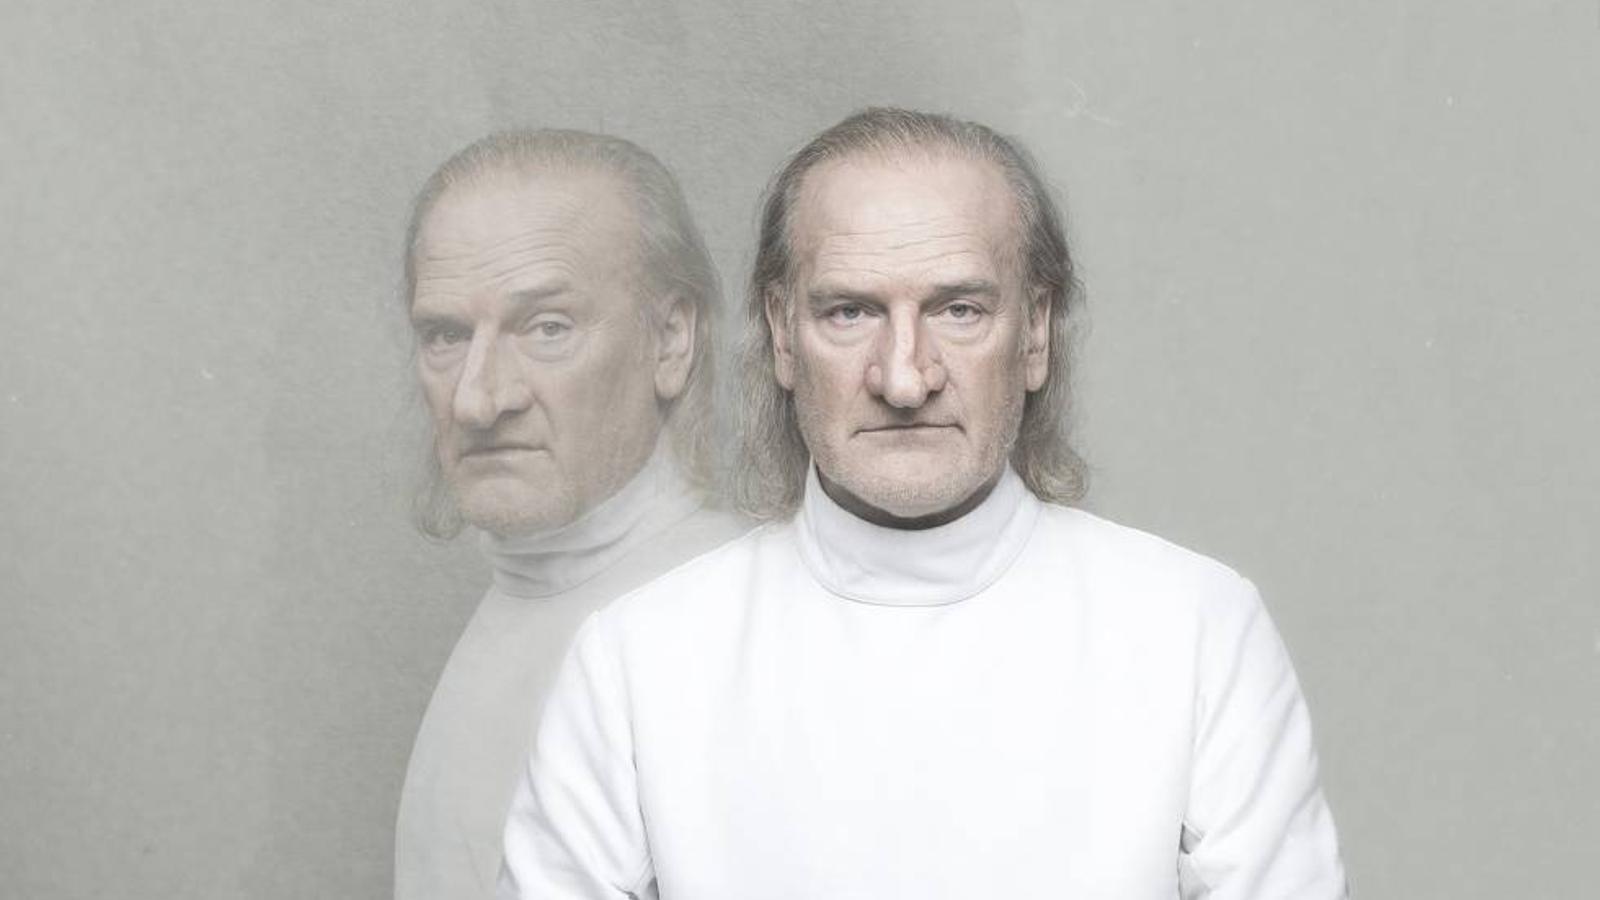 Lluís Homar, caracteritzat com a Cyrano de Bergerac. / DAVID RUANO